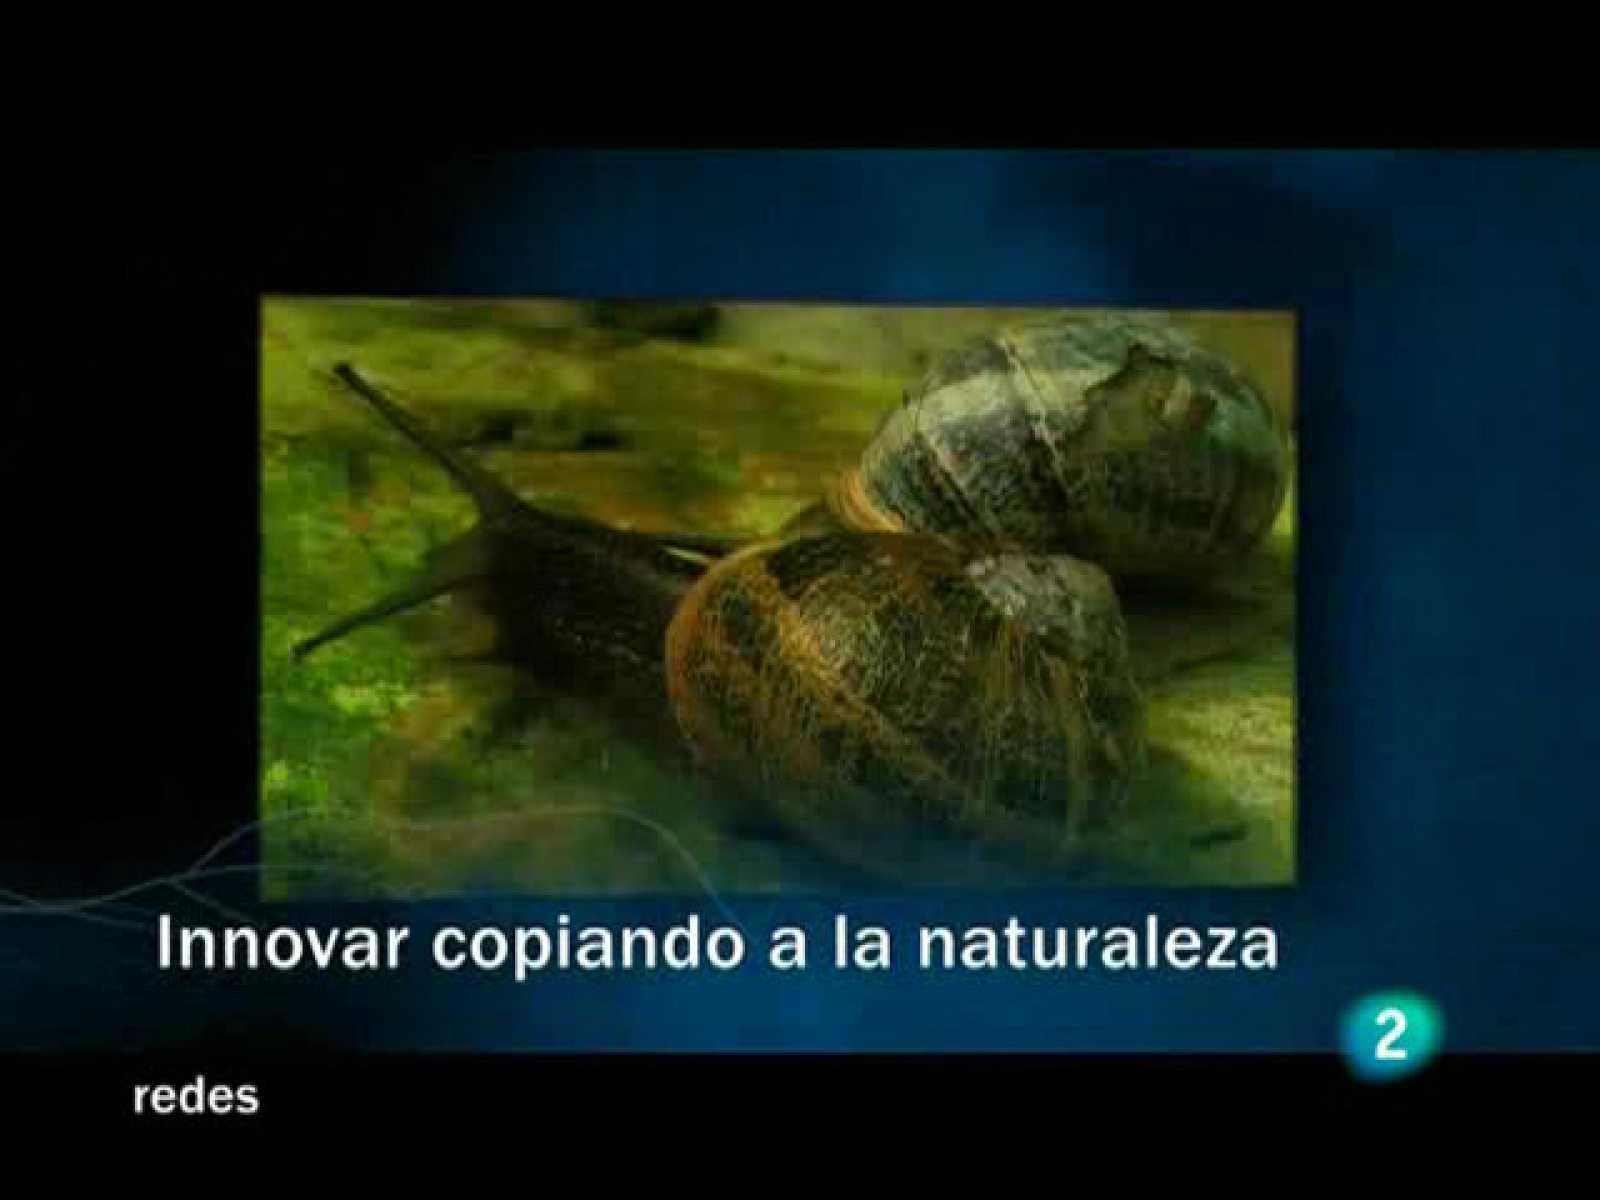 Redes (09/11/08) : Innovar copiando a la Naturaleza